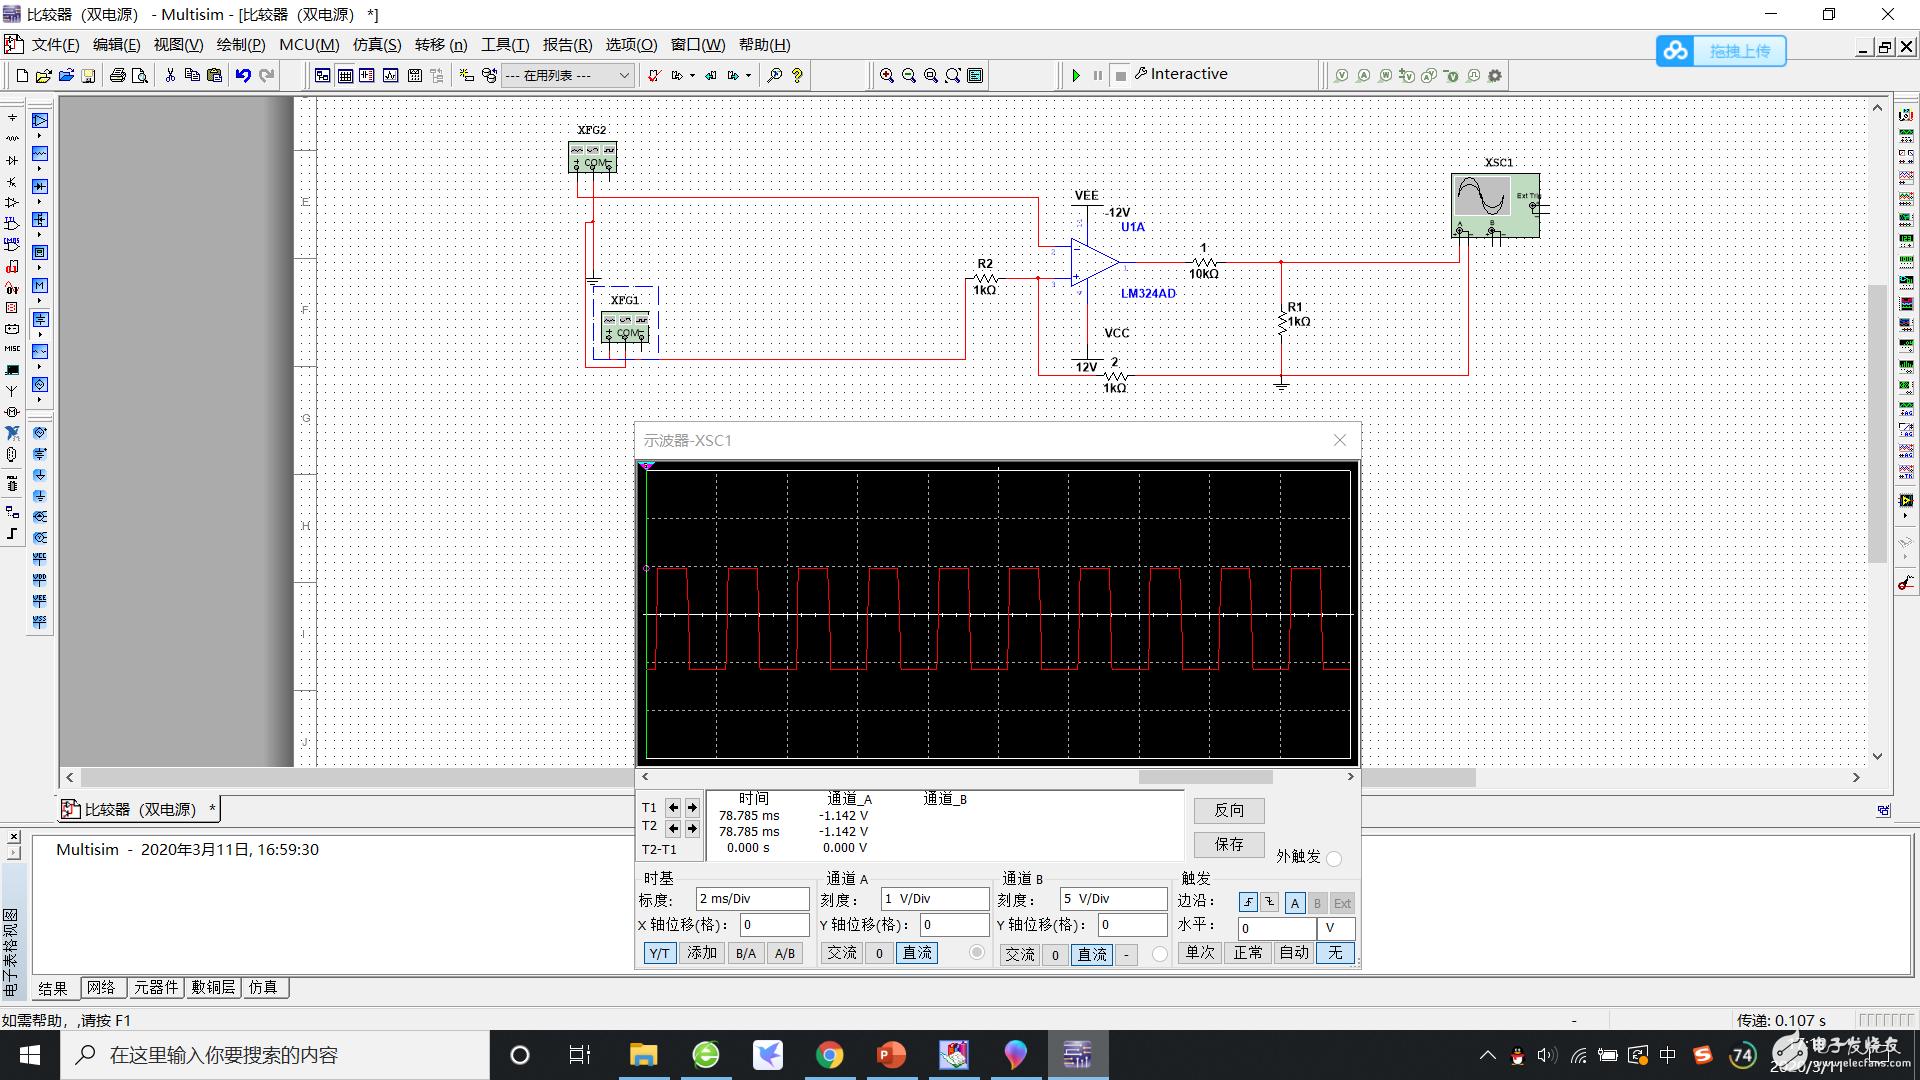 如何将此比较器改为单电源供电